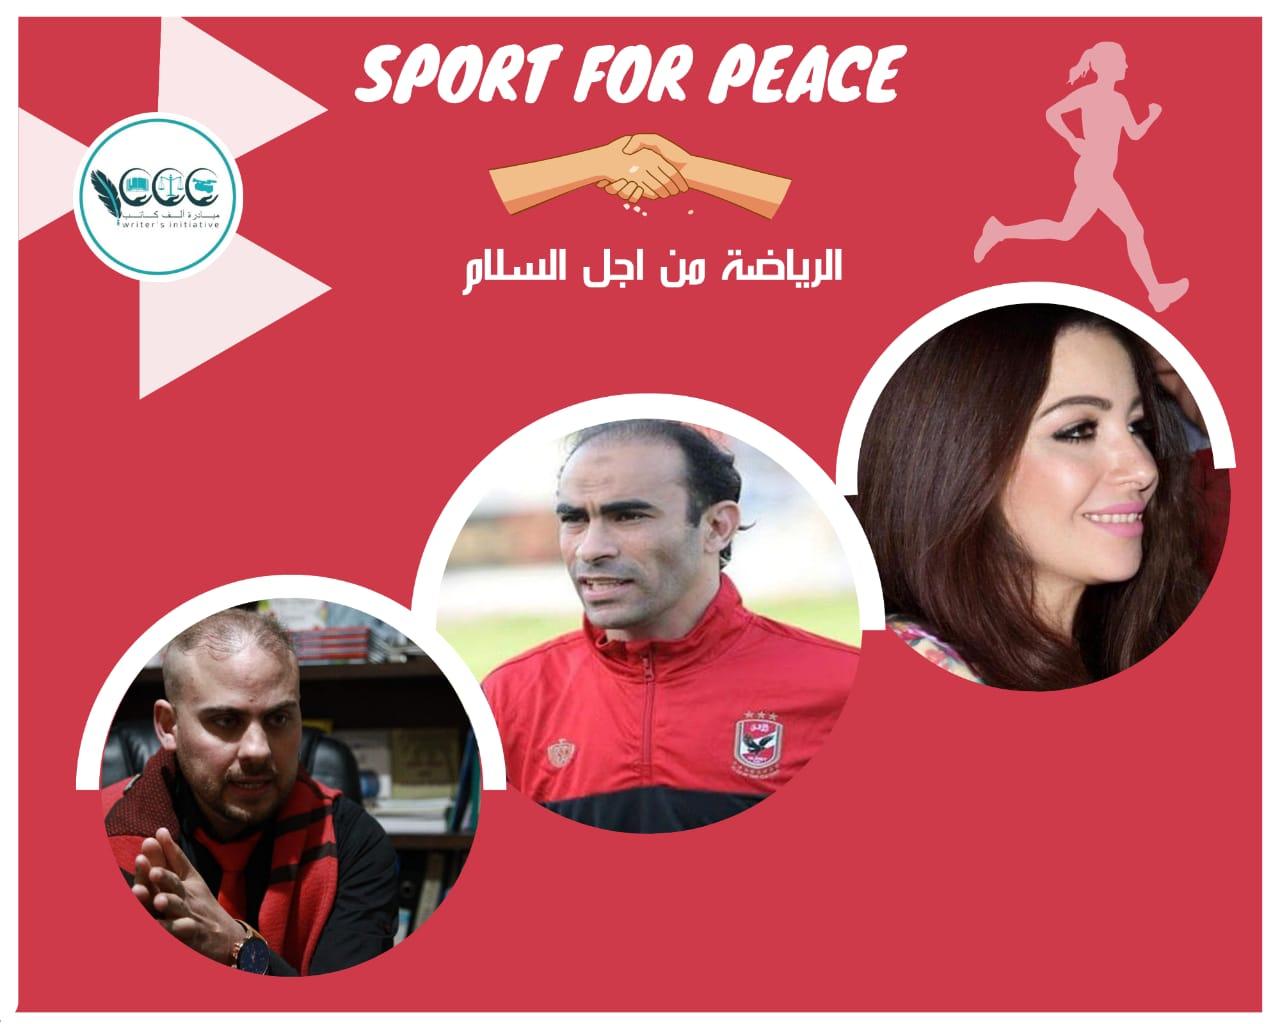 مدير الكرة بالنادي الأهلي كابتن سيد عبد الحفيظ:الإعلان عن حملة الرياضة من السلام لمبادرة 1000 كاتب